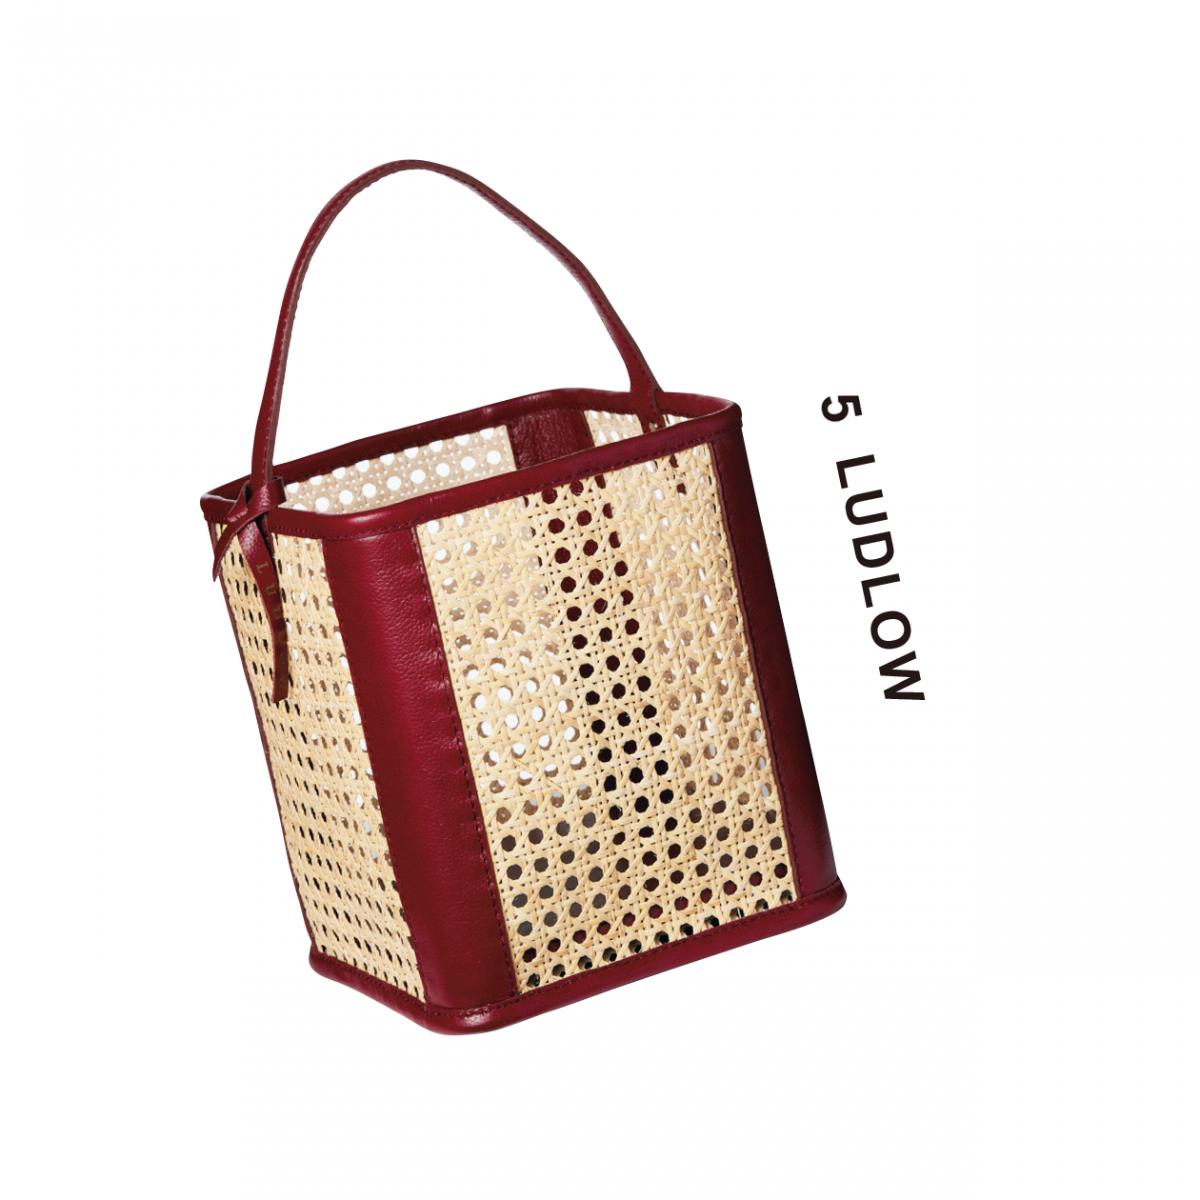 ファッション関係者にもファンが多い【LUDLOW】のバッグ